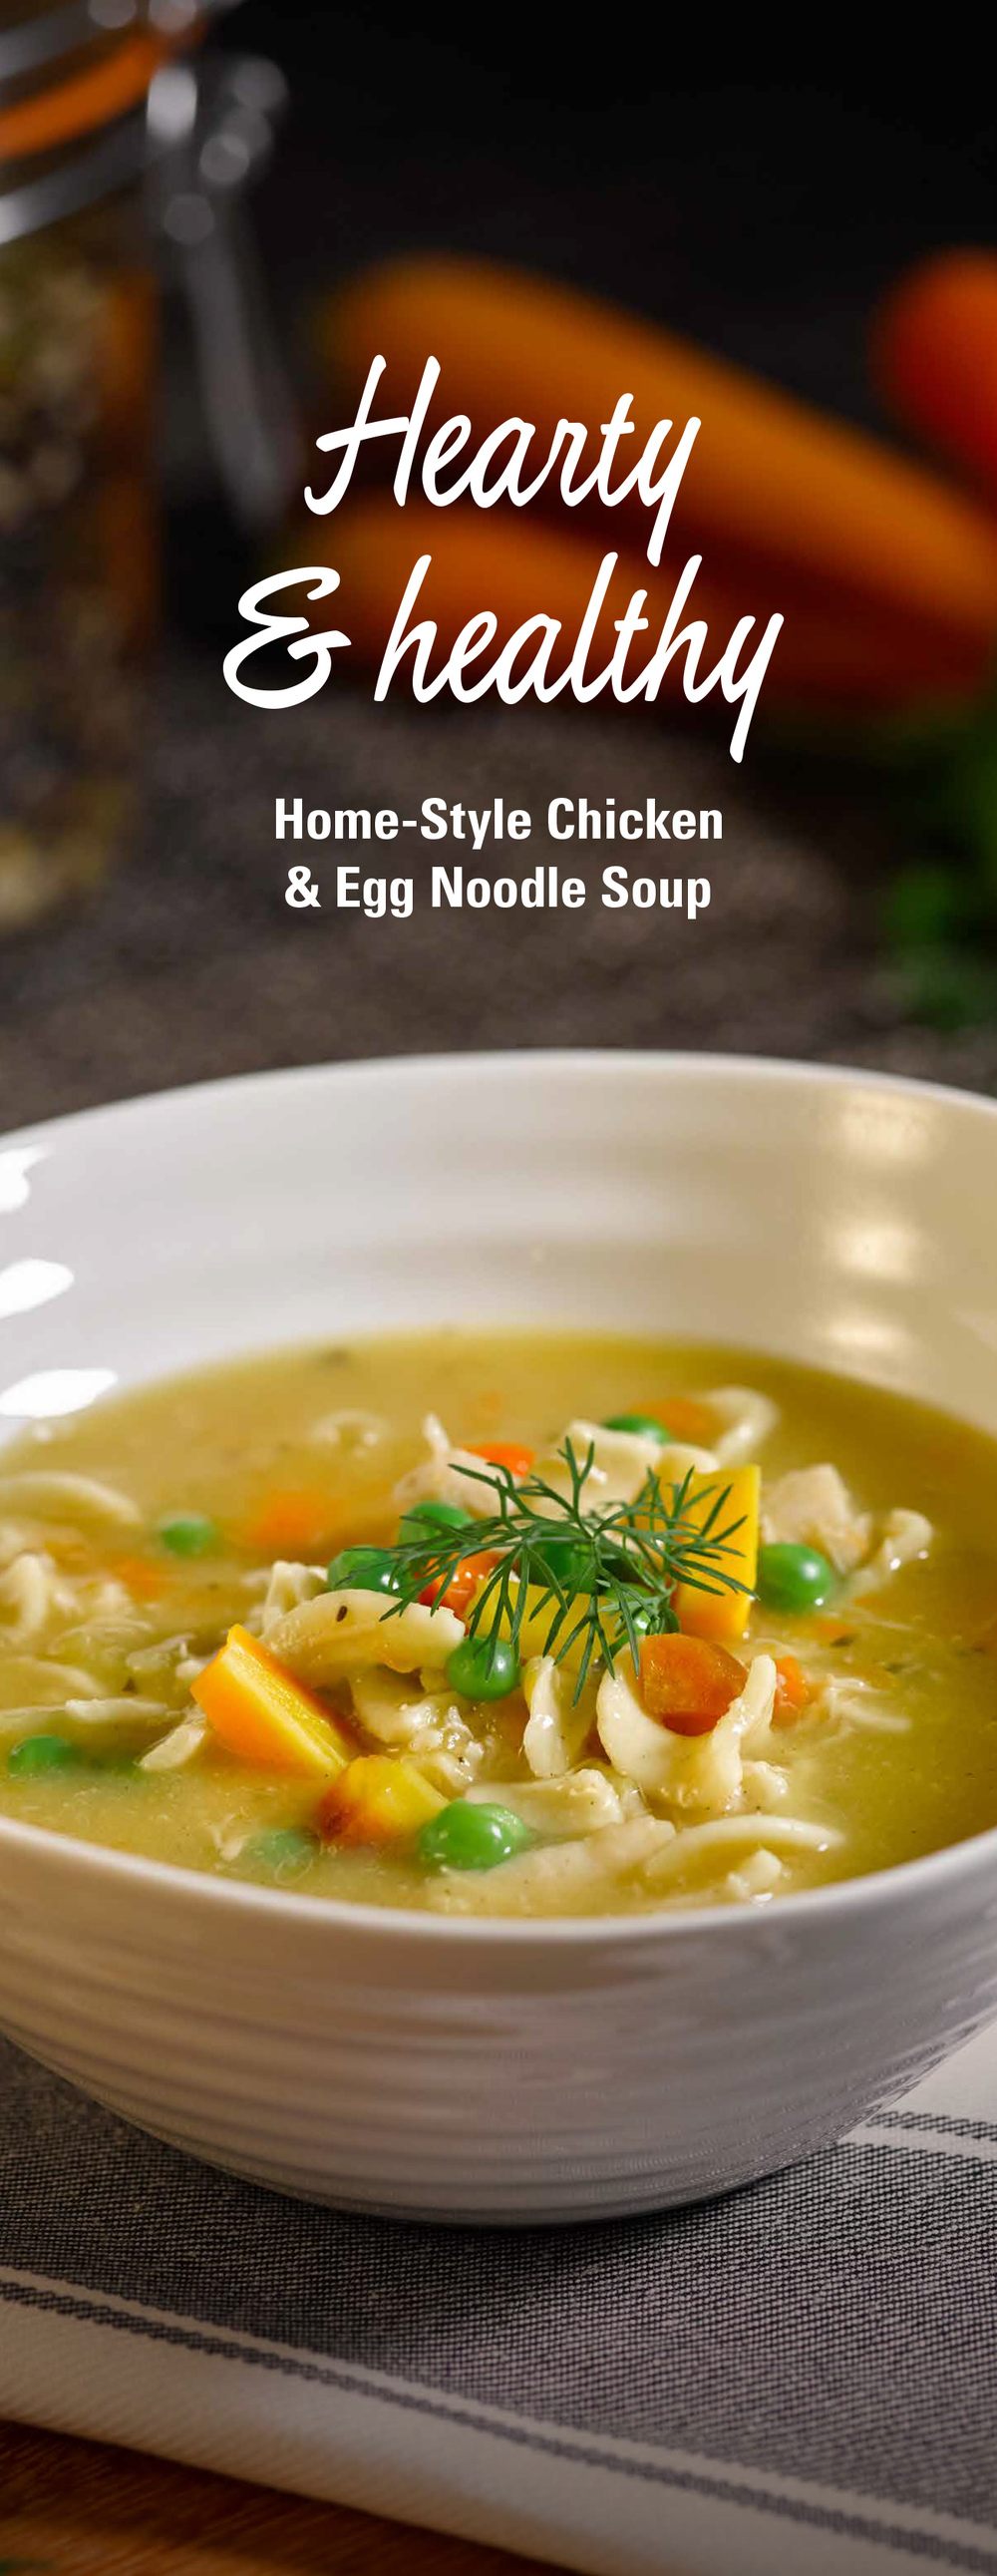 ge_2015_fall_slim_board_chicken_soup_v1.jpg